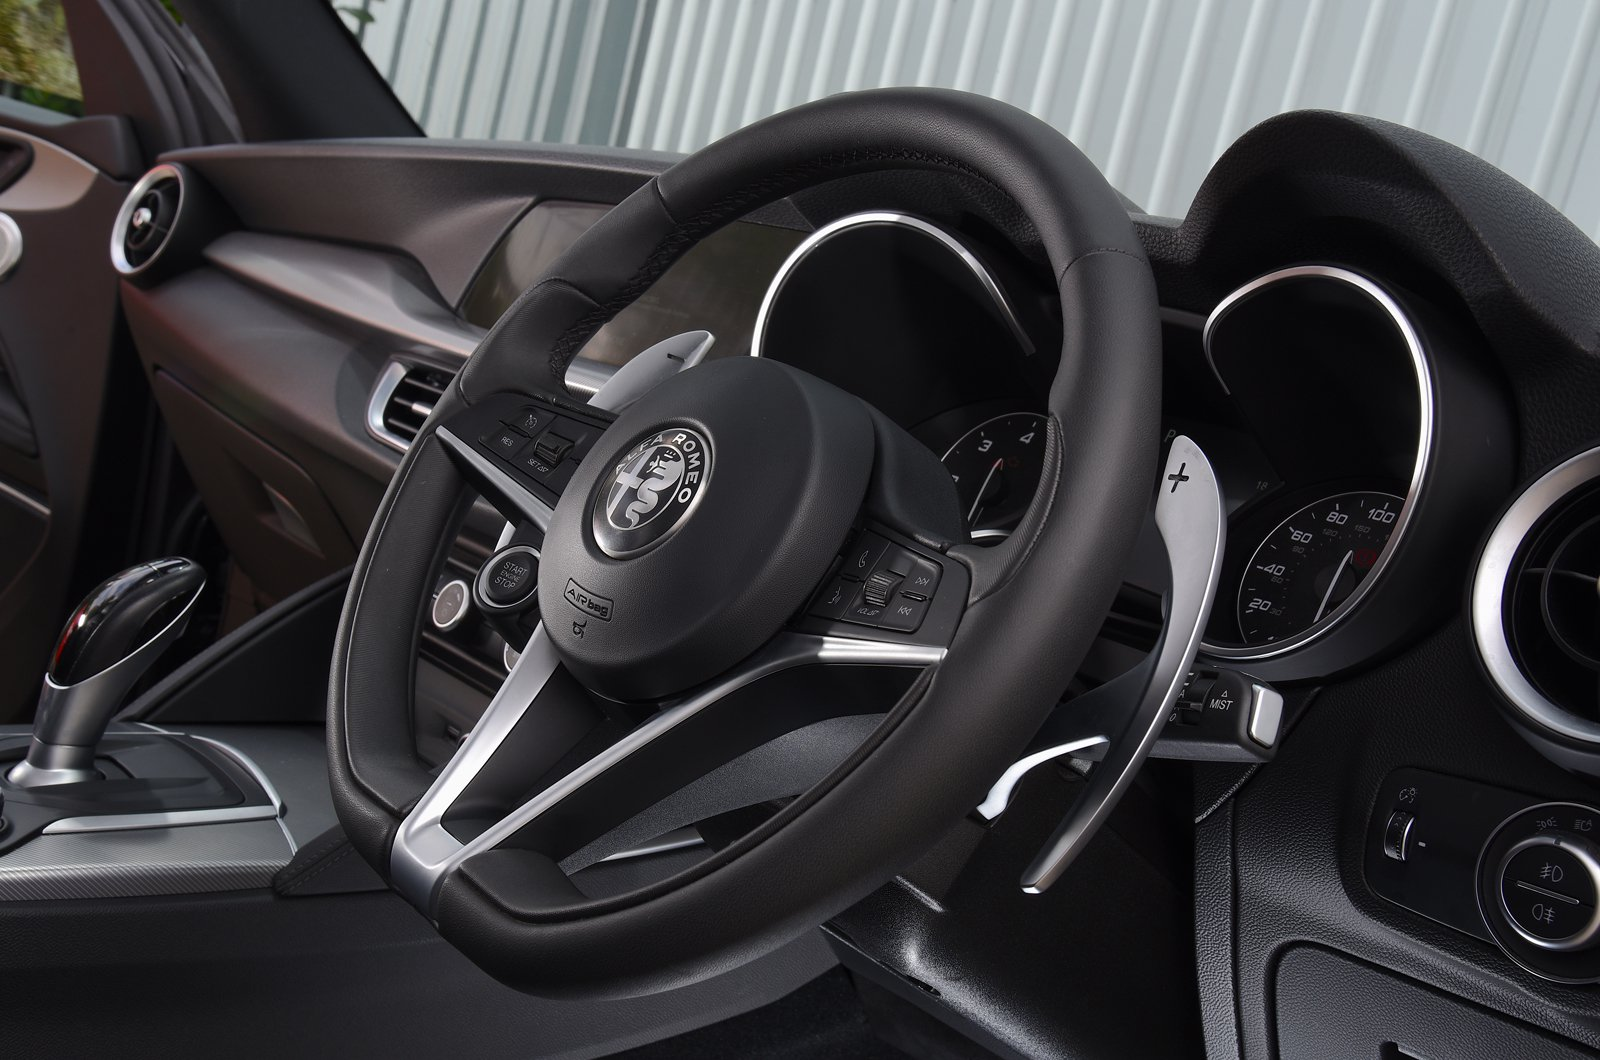 LT Alfa Romeo Stelvio steering wheel